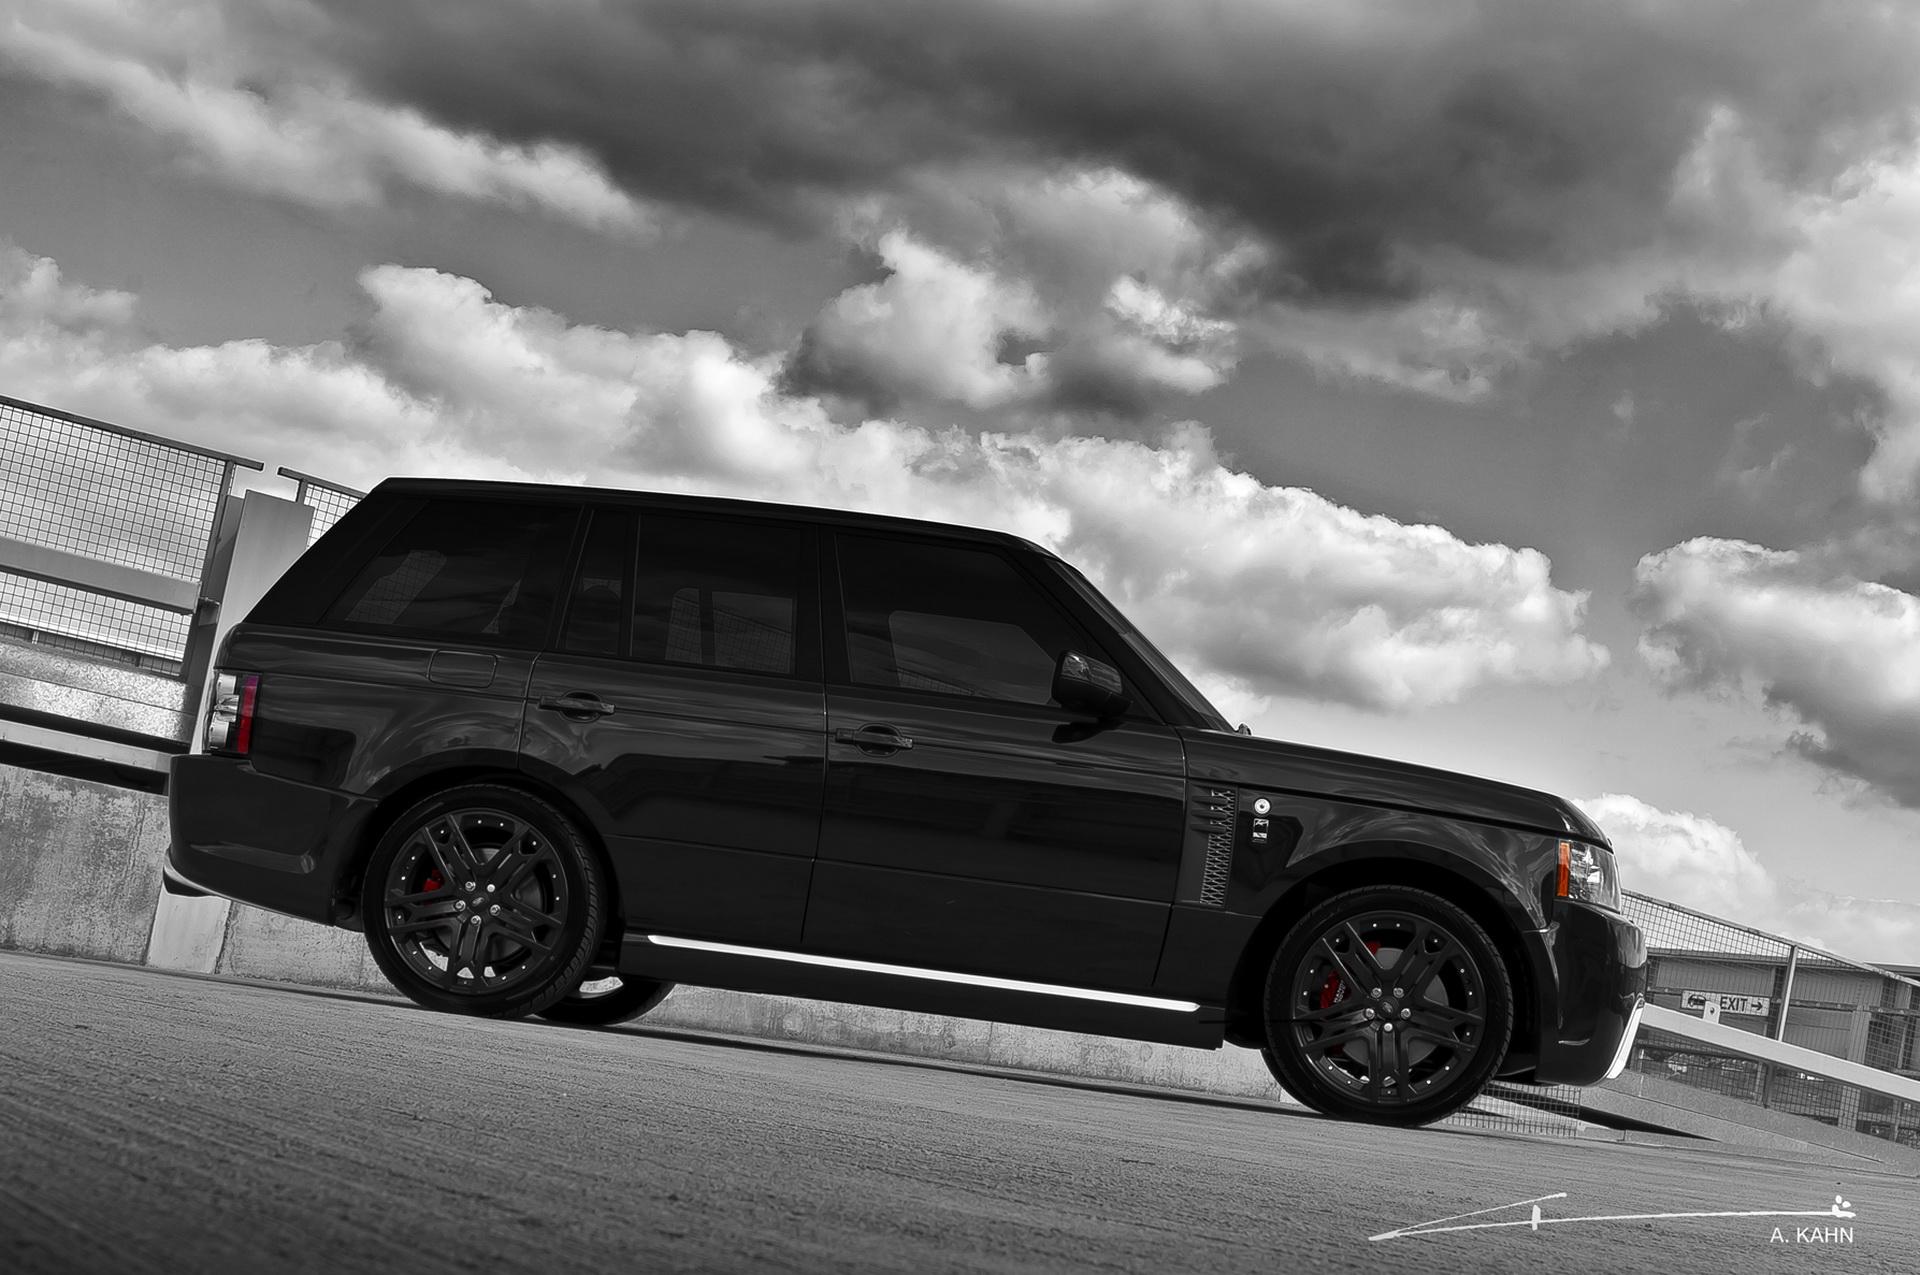 Fondos De Pantalla Vehículo Range Rover Show De Net